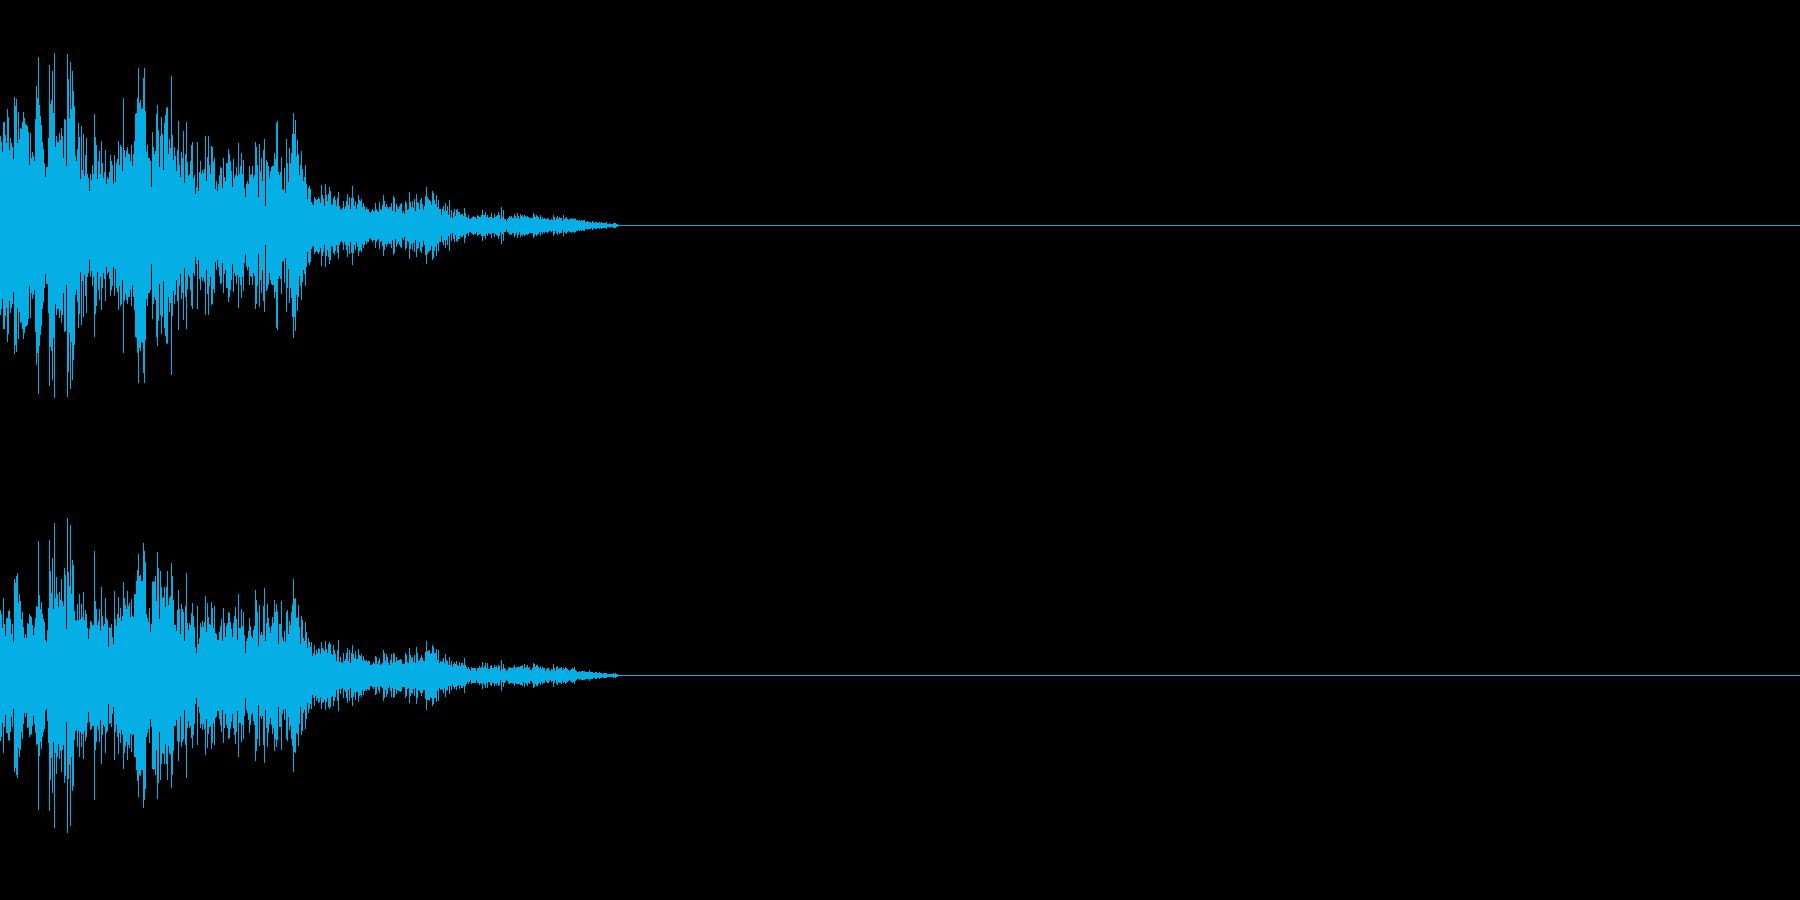 ダメージ音 3の再生済みの波形